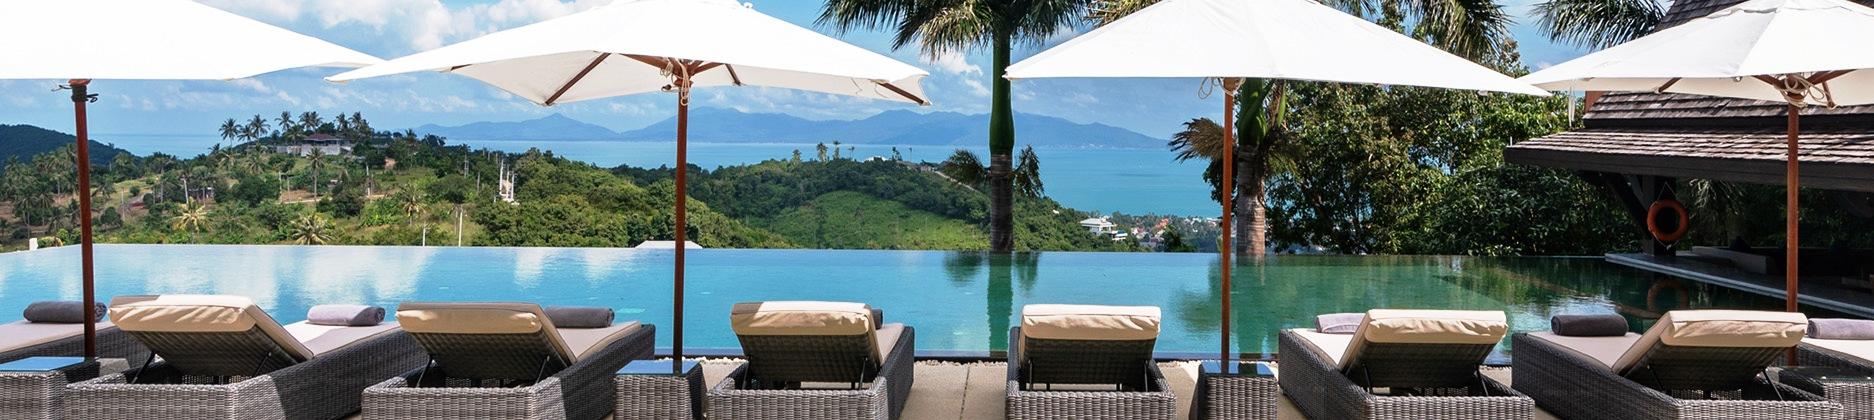 Breathtaking Family Villa-Suralai slider.jpg